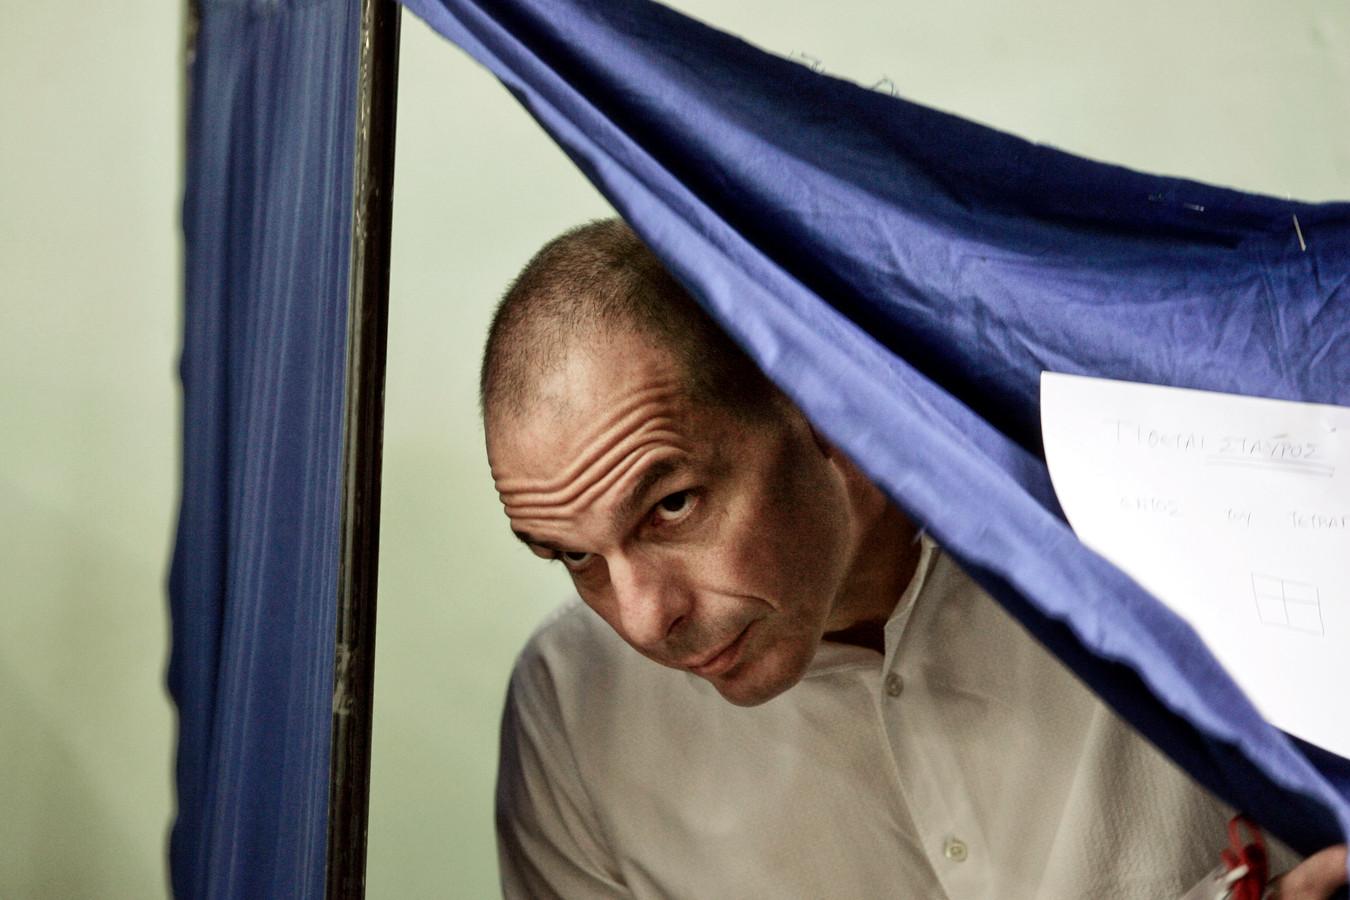 Grieks minister van Financiën Yanis Varoufakis brengt zijn stem uit.